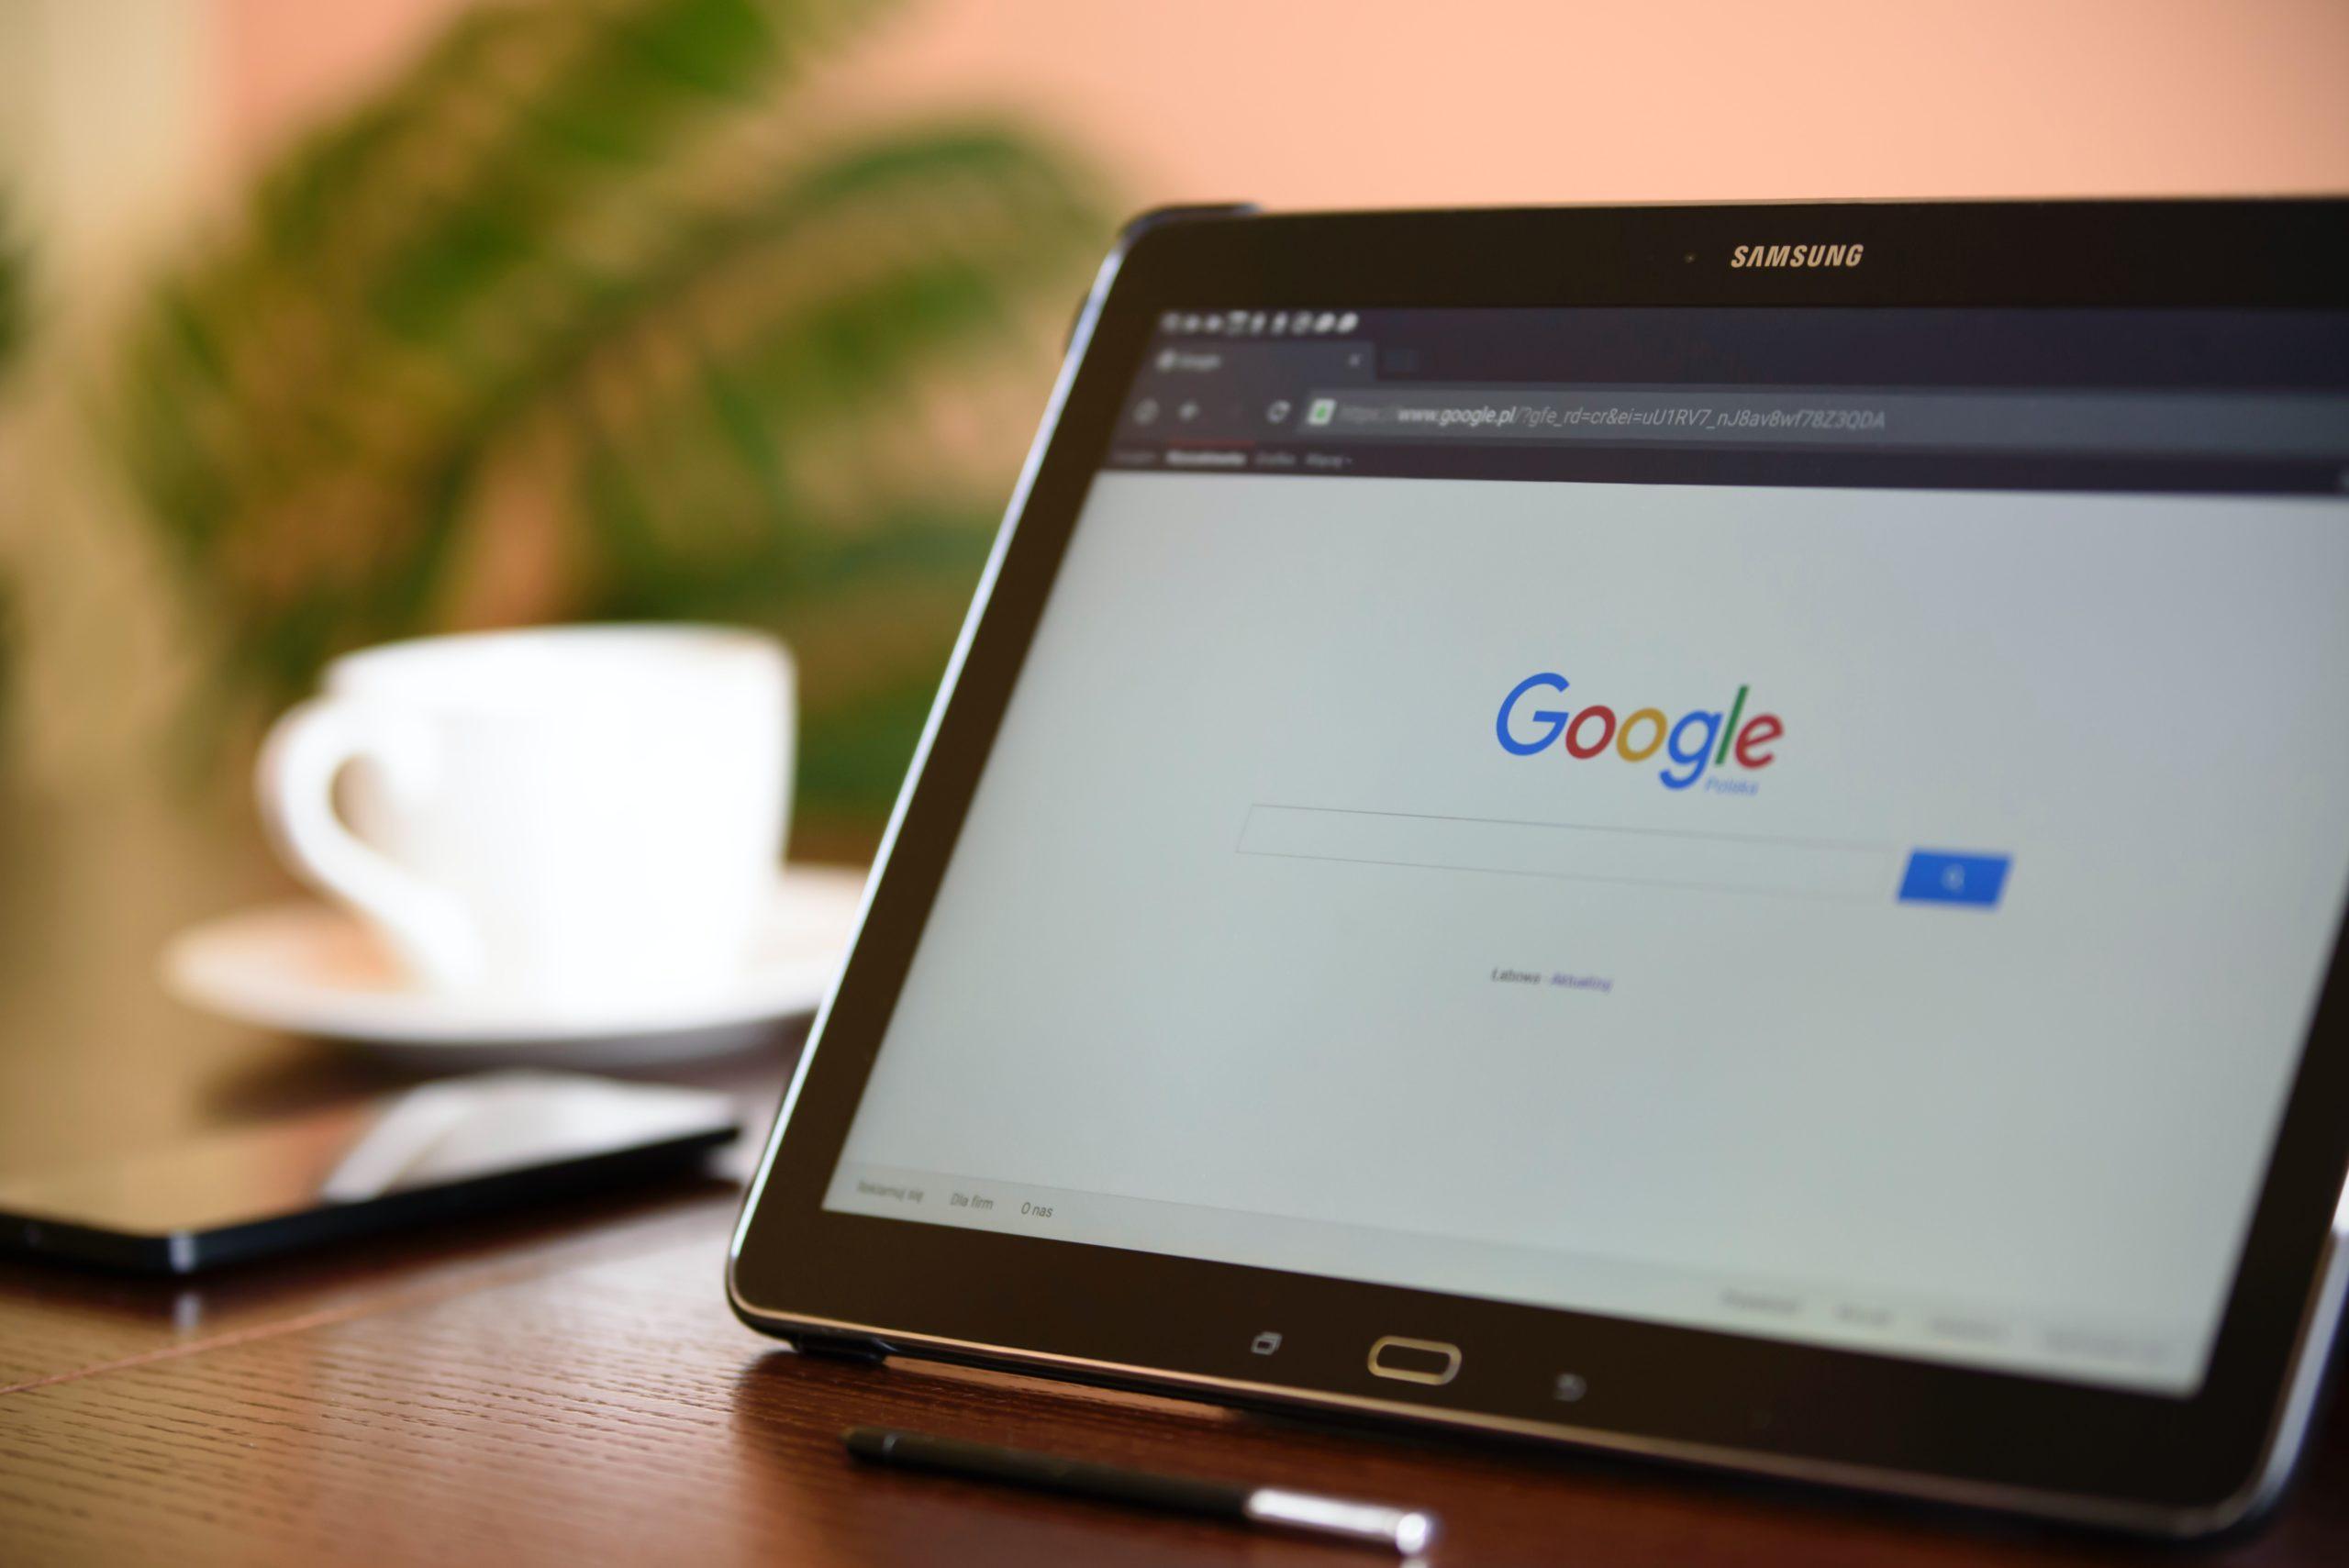 Comment trouver les sujets appréciés par Google et sa cible?